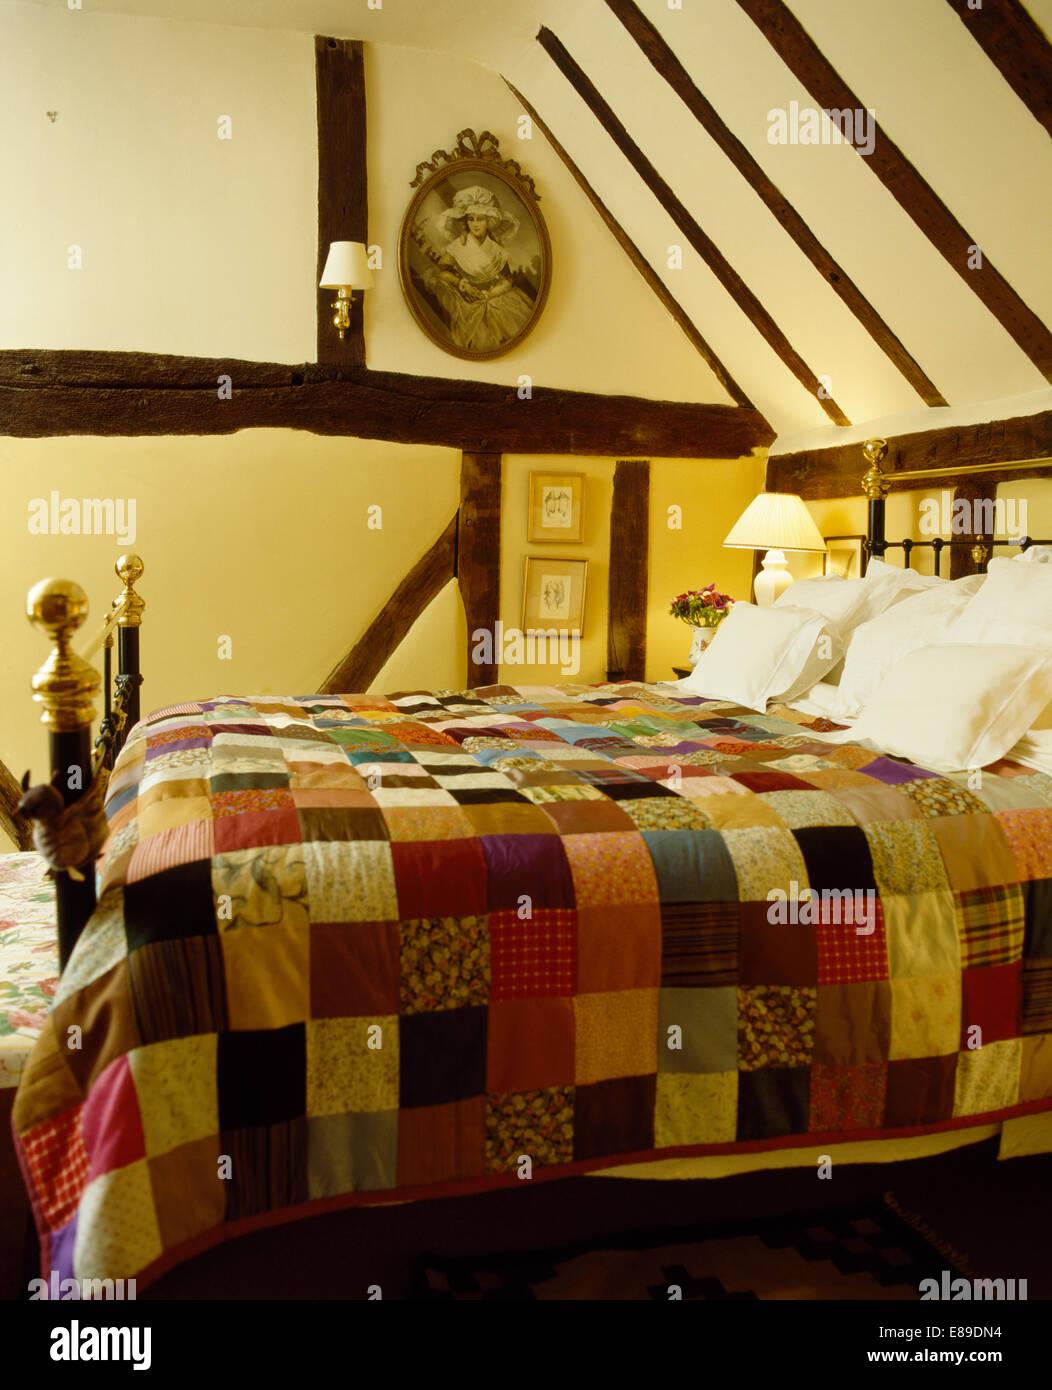 Bunte Patchwork quilt auf alten Messingbett in Holzbalken Ferienhaus ...